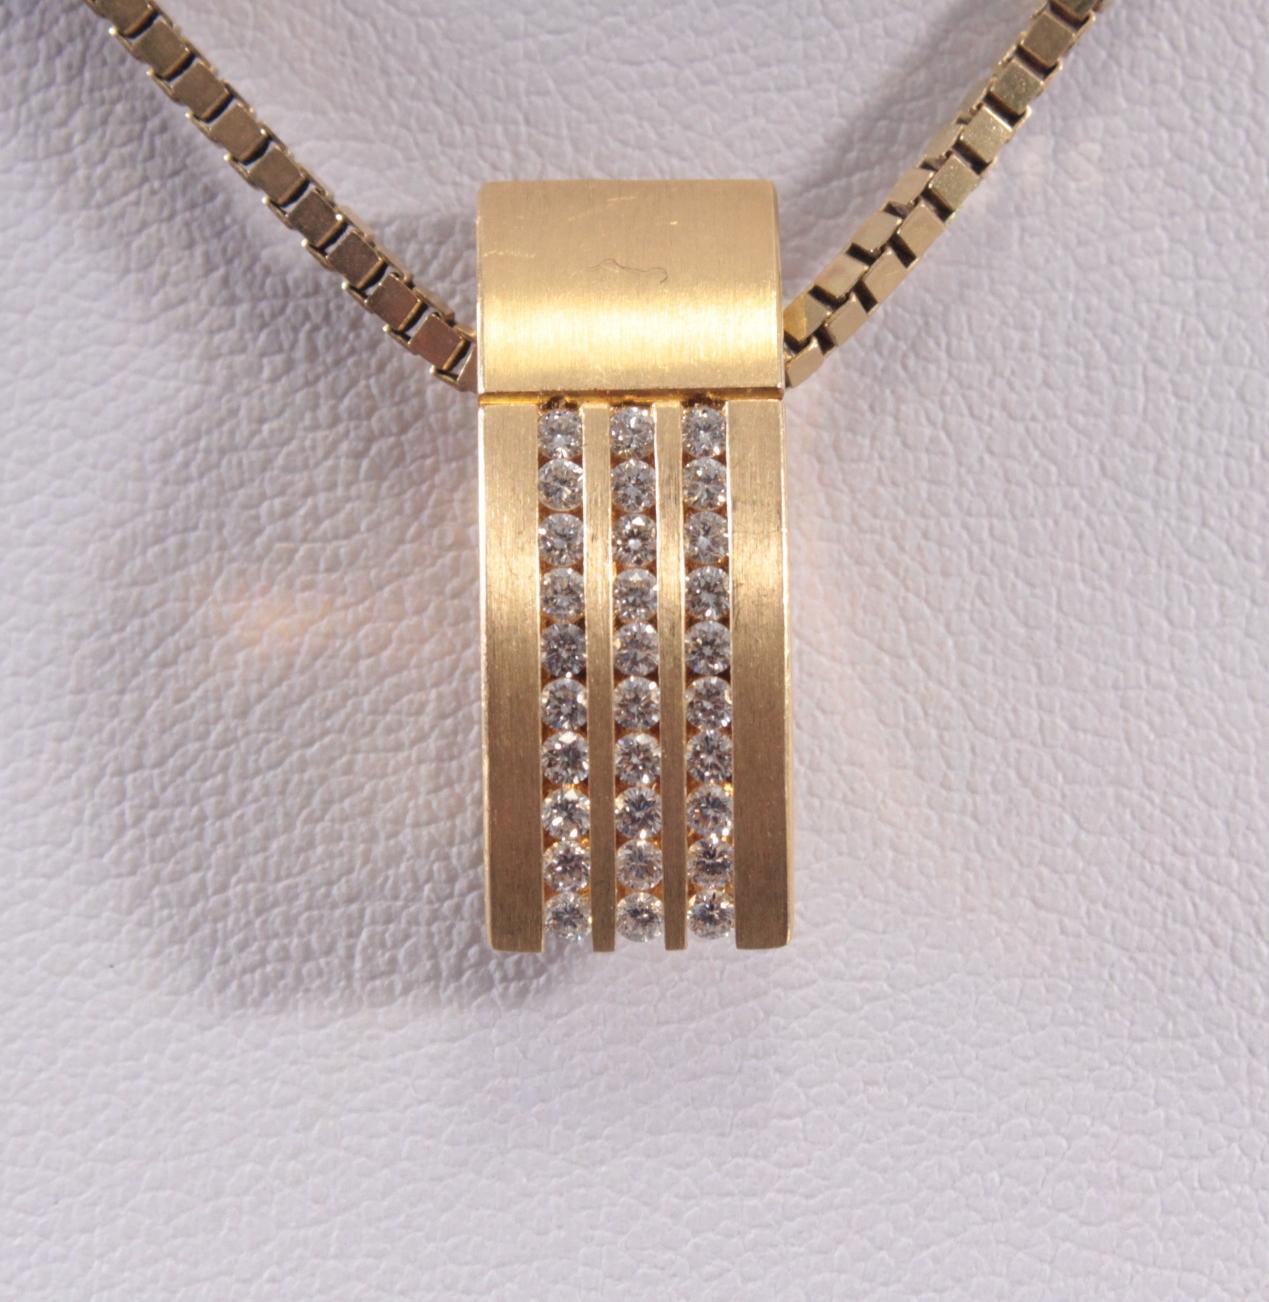 Anhänger mit Diamanten aus 18 Karat Gelbgold